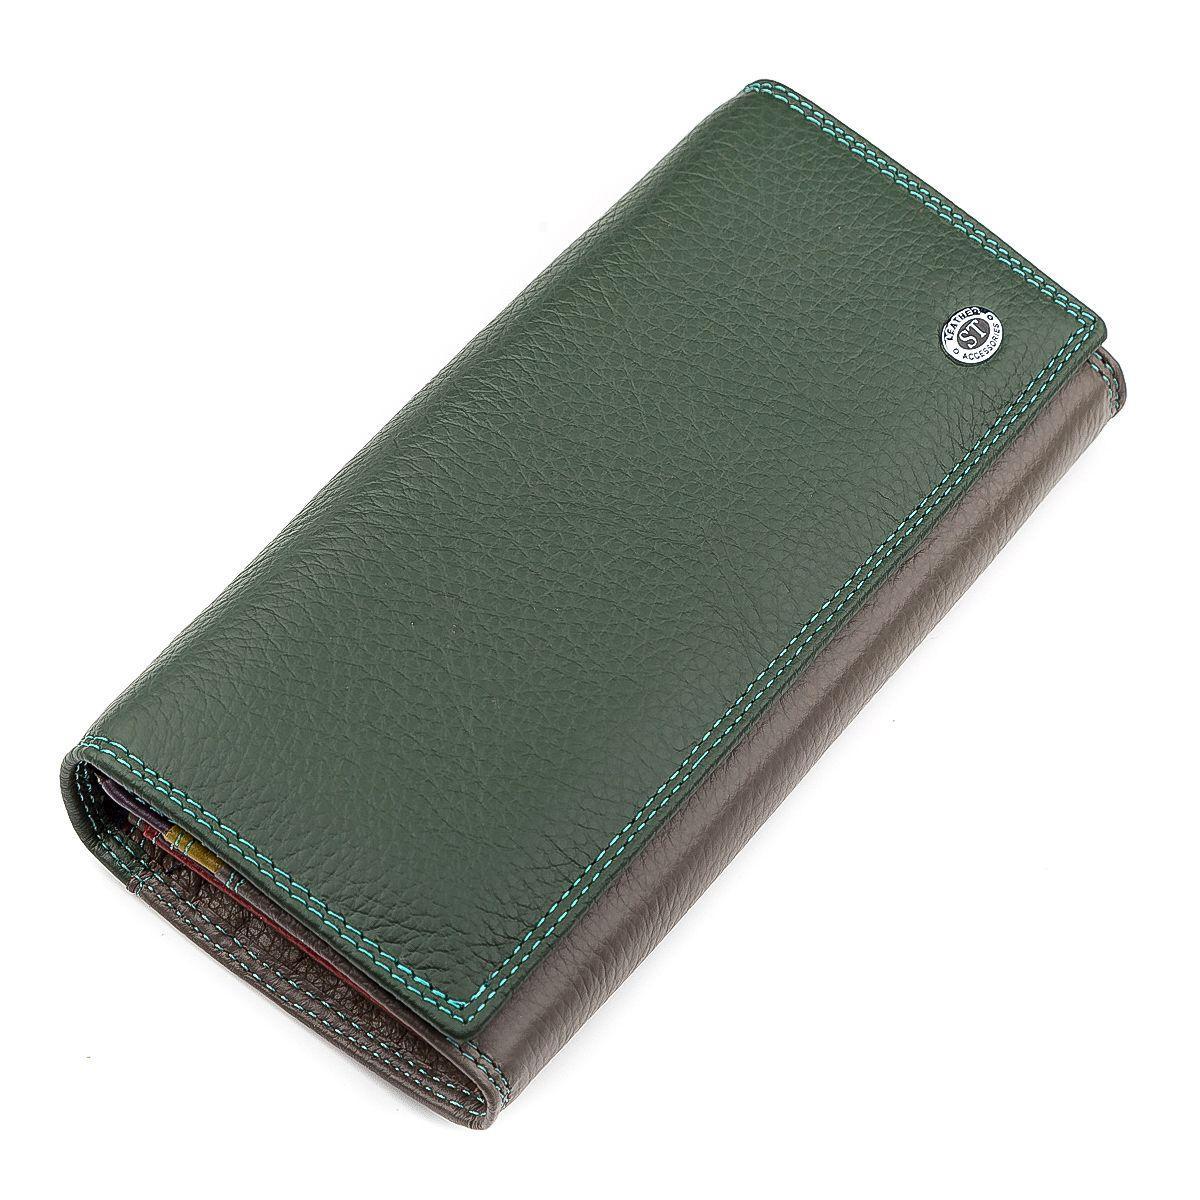 Гаманець жіночий ST Leather 18388 (SB237) ошатний Зелений